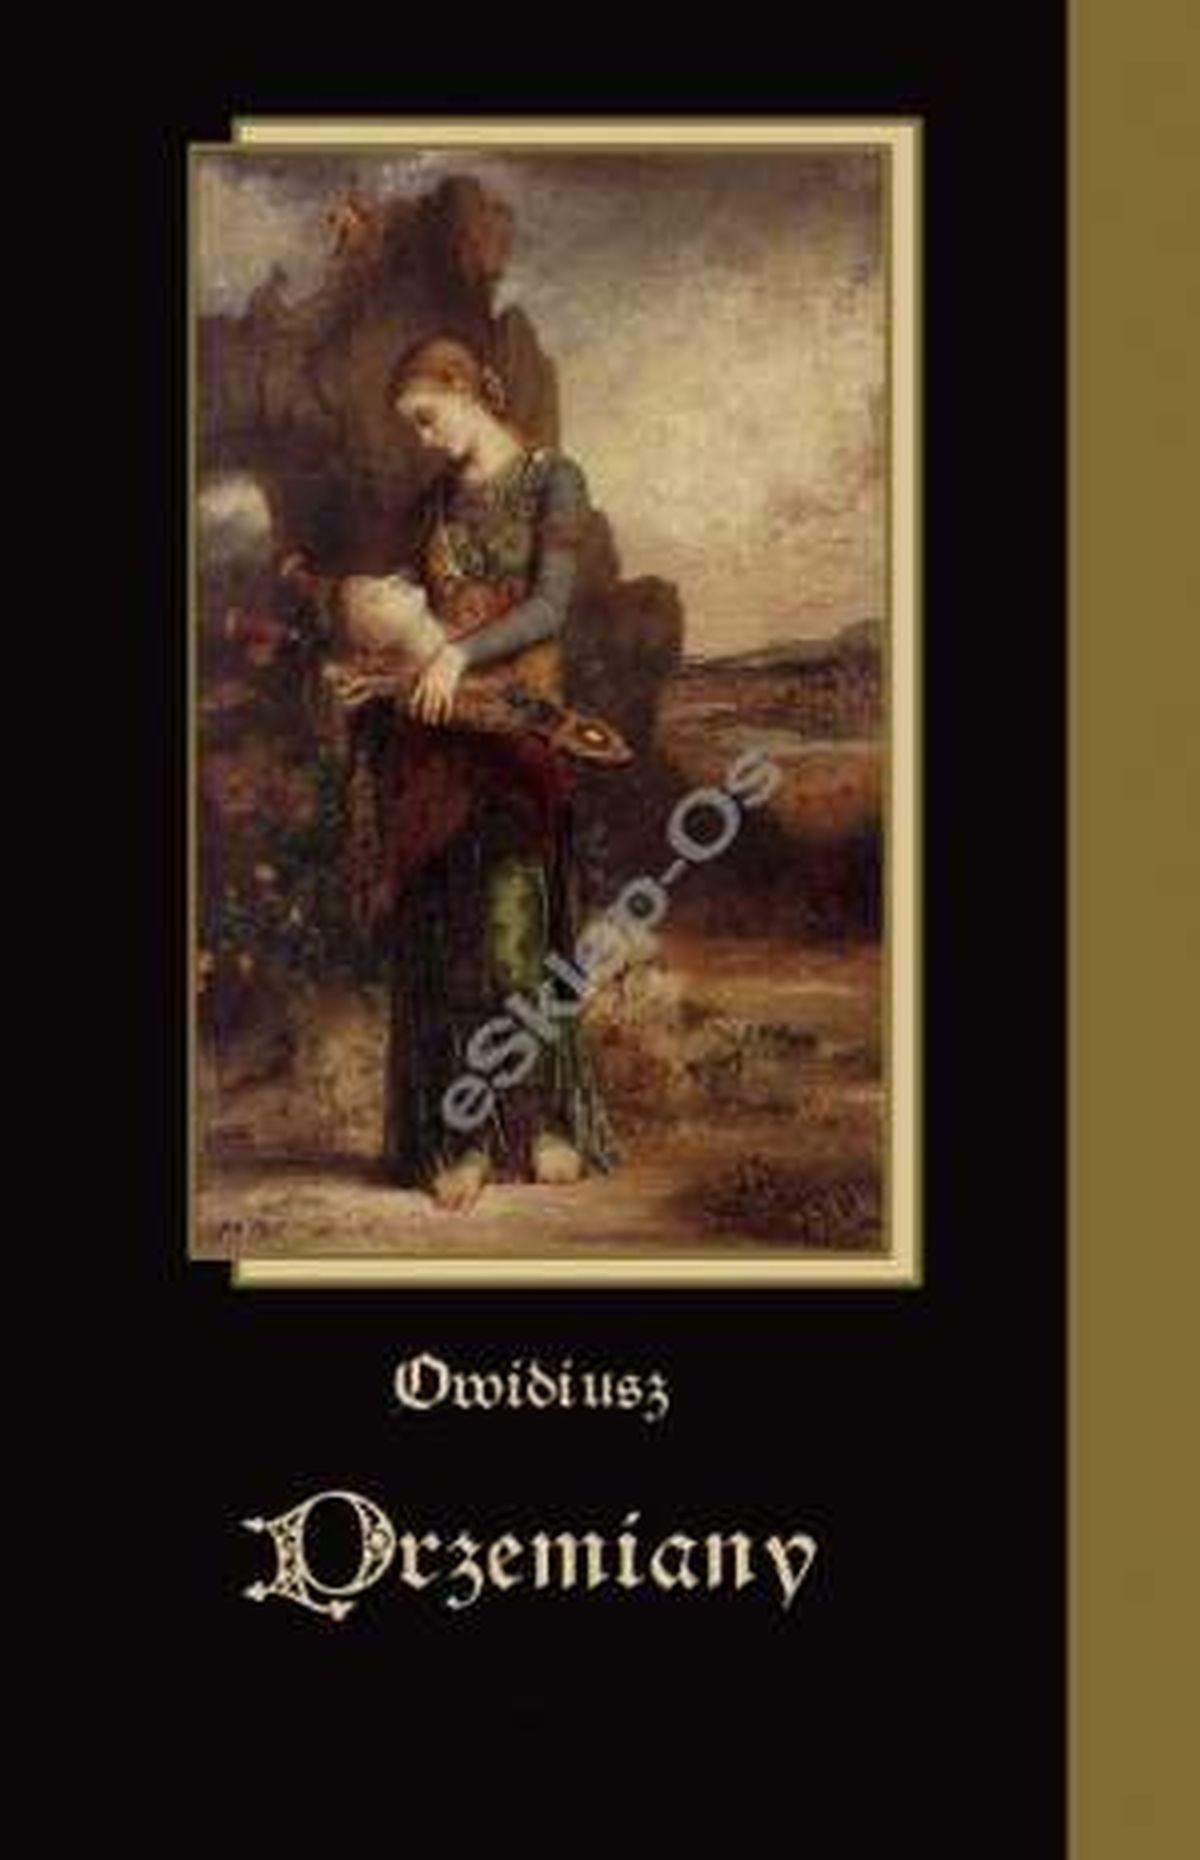 Owidiusz, Brunon Kiciński, Przemiany (t. 1-3)